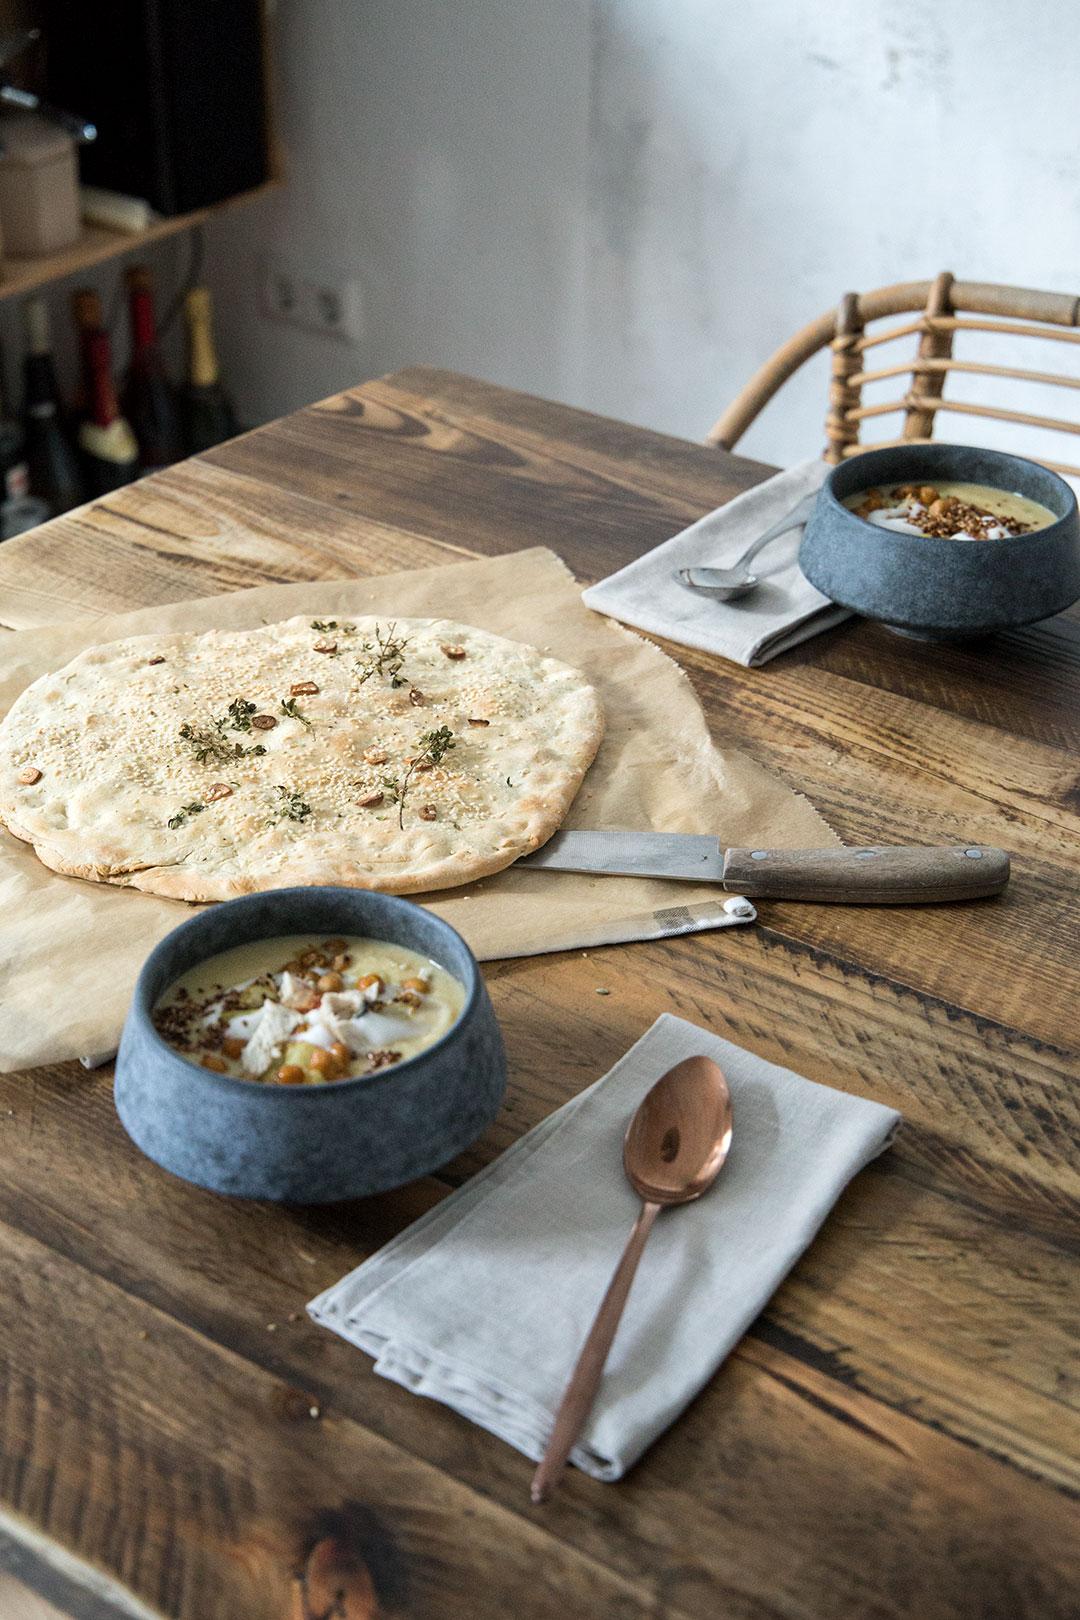 Kochen-mit-getnow-Kartoffel-Blumenkohl-Suppe_1